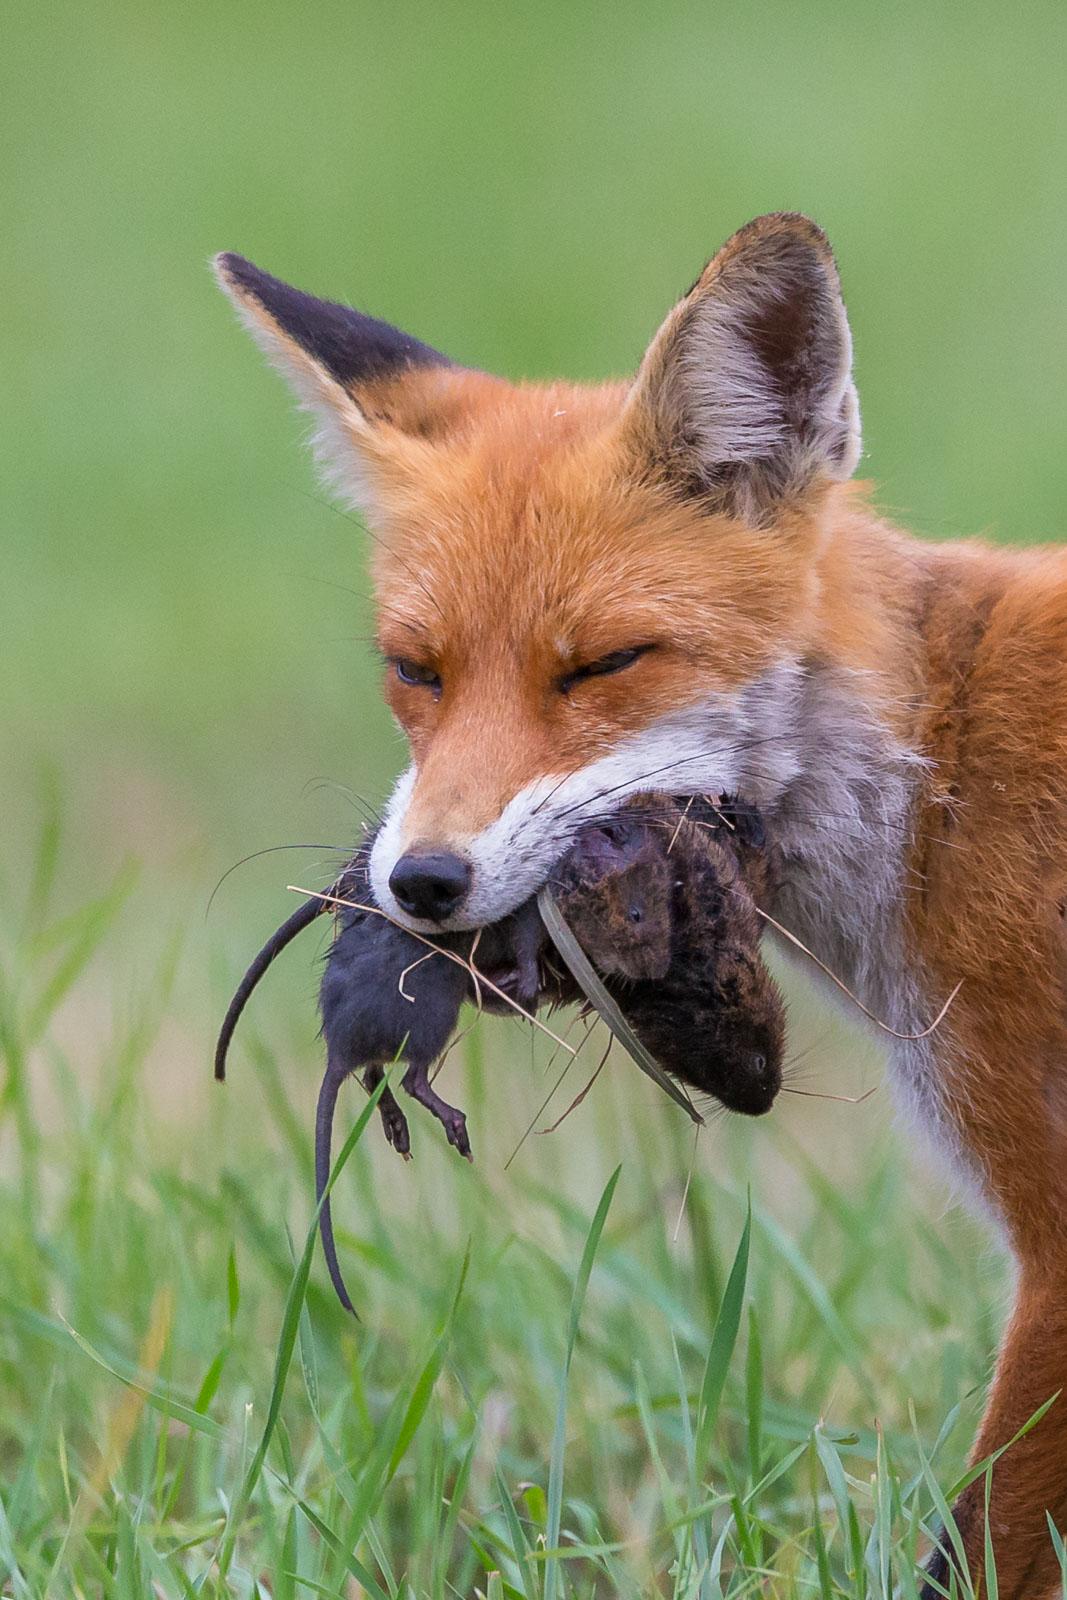 Rödräv med sork i munnen